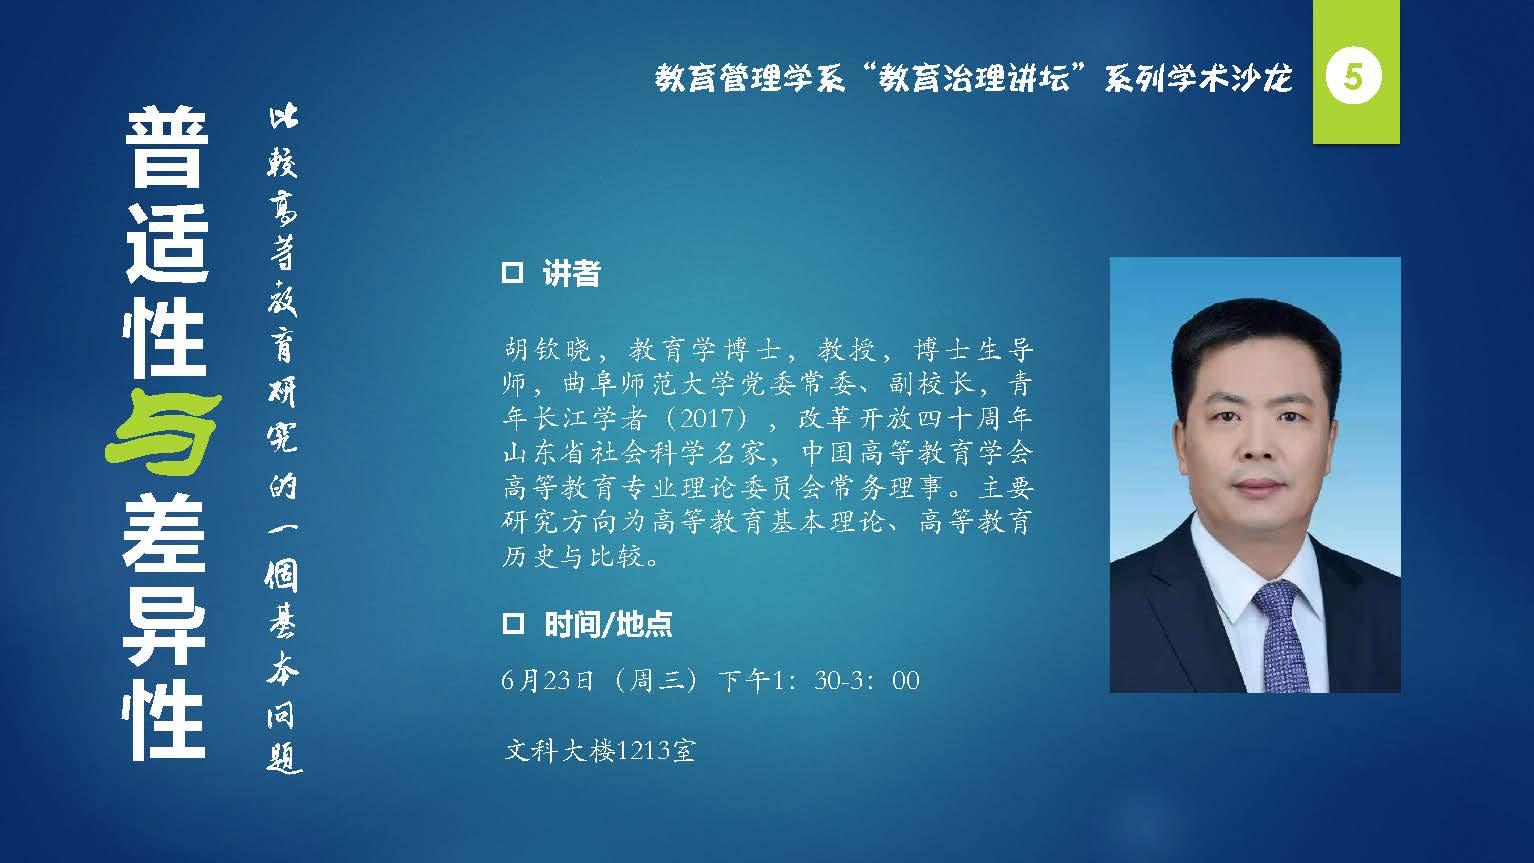 胡钦晓教授:普适性与差异性